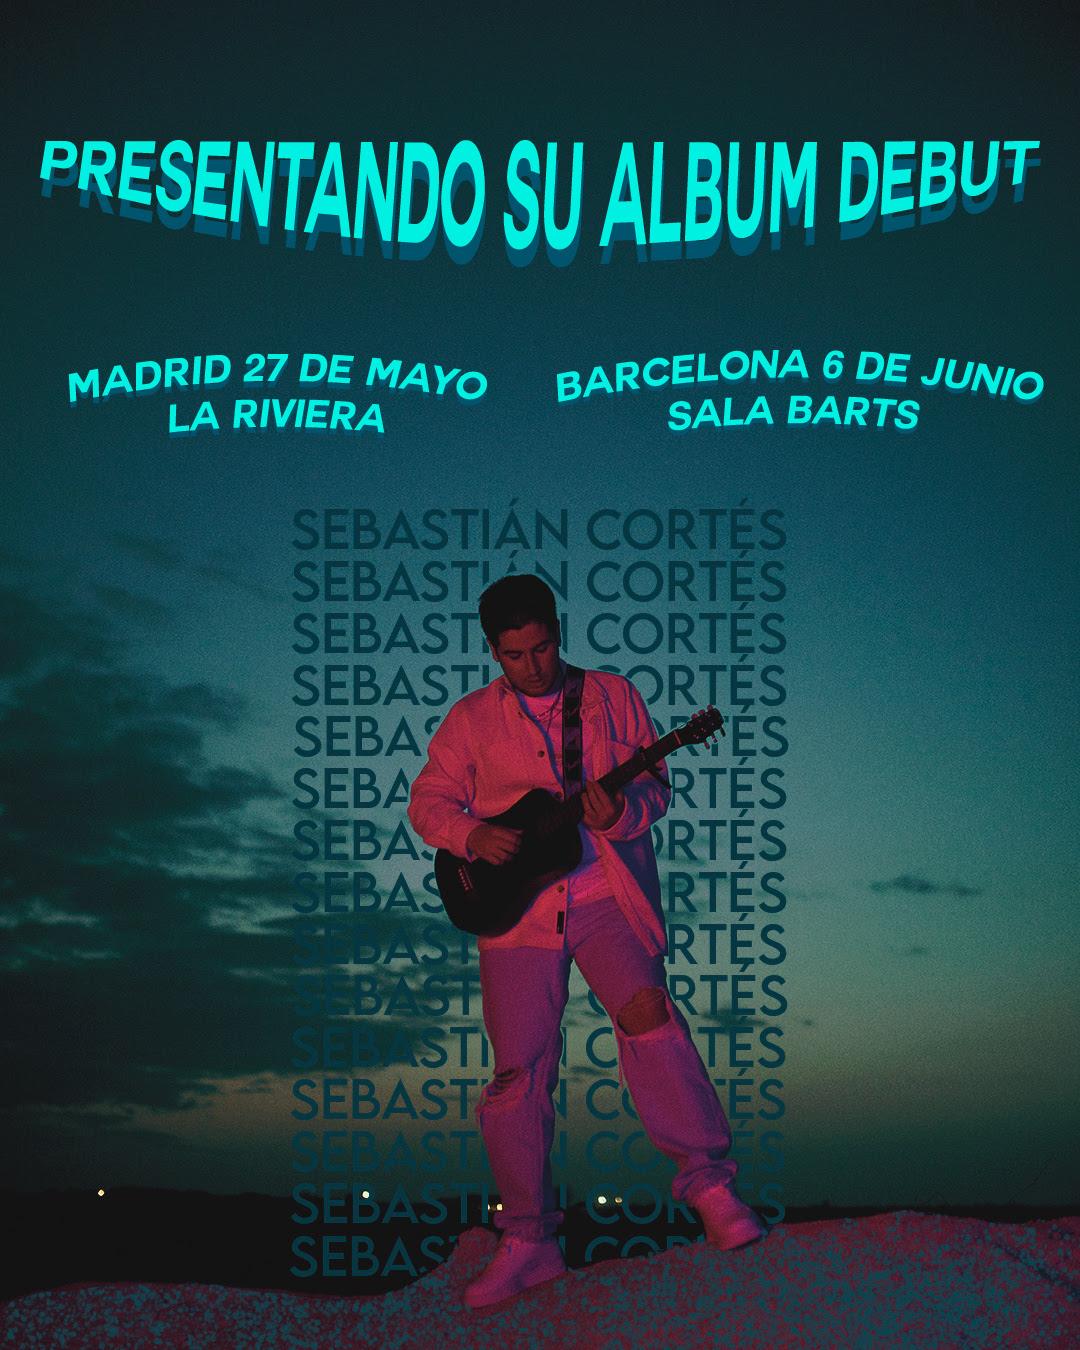 Sebastián Cortés - Conciertos